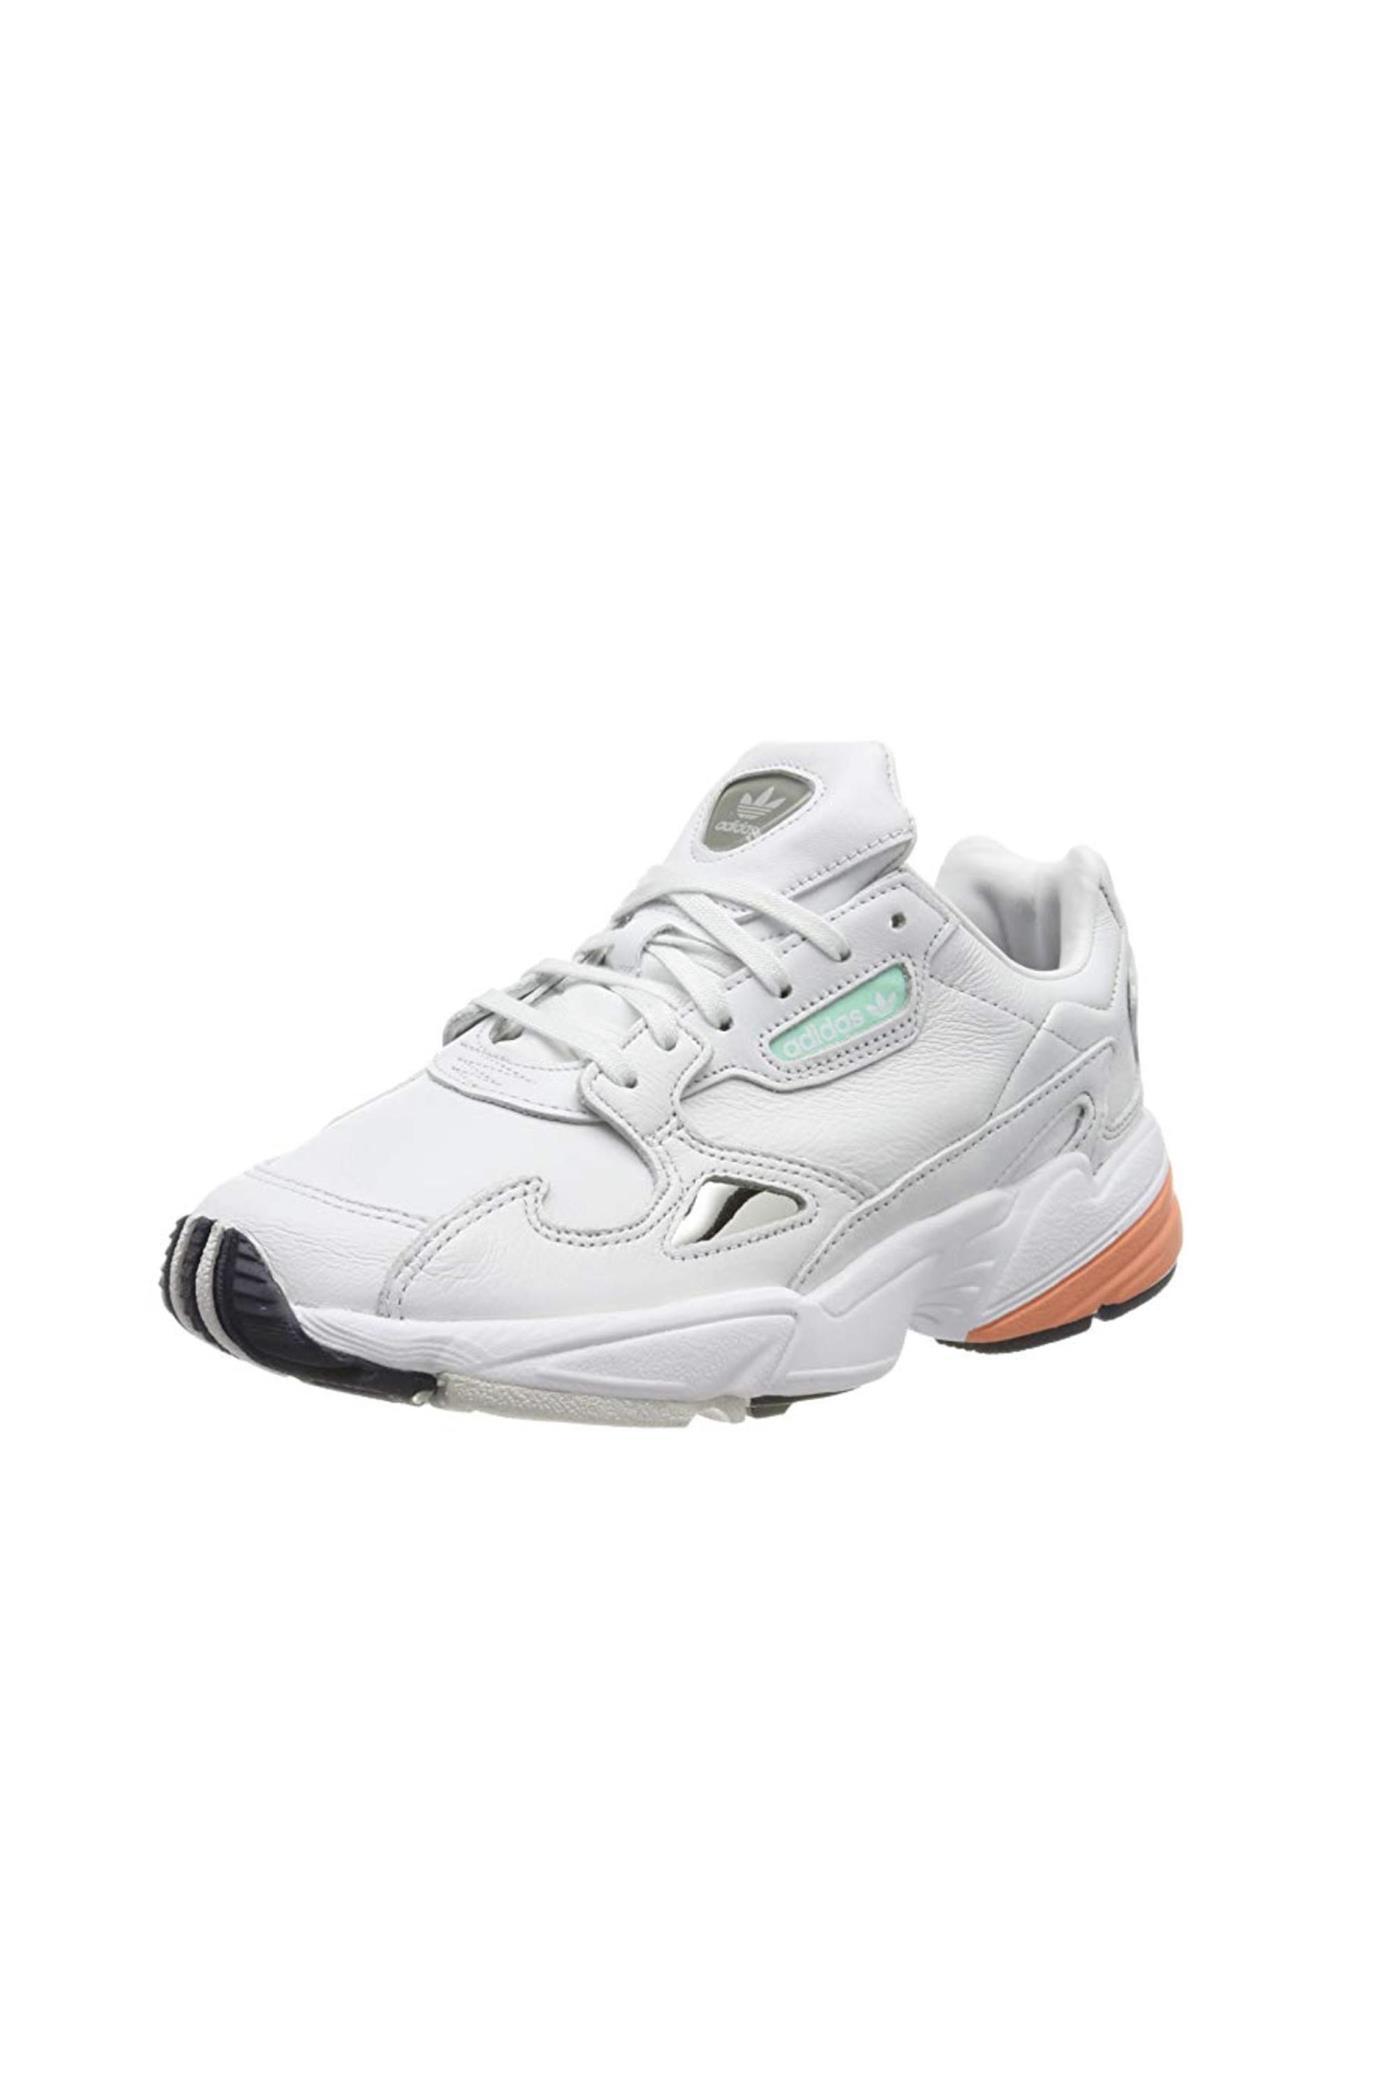 imagenes de zapatos adidas para mujer largos